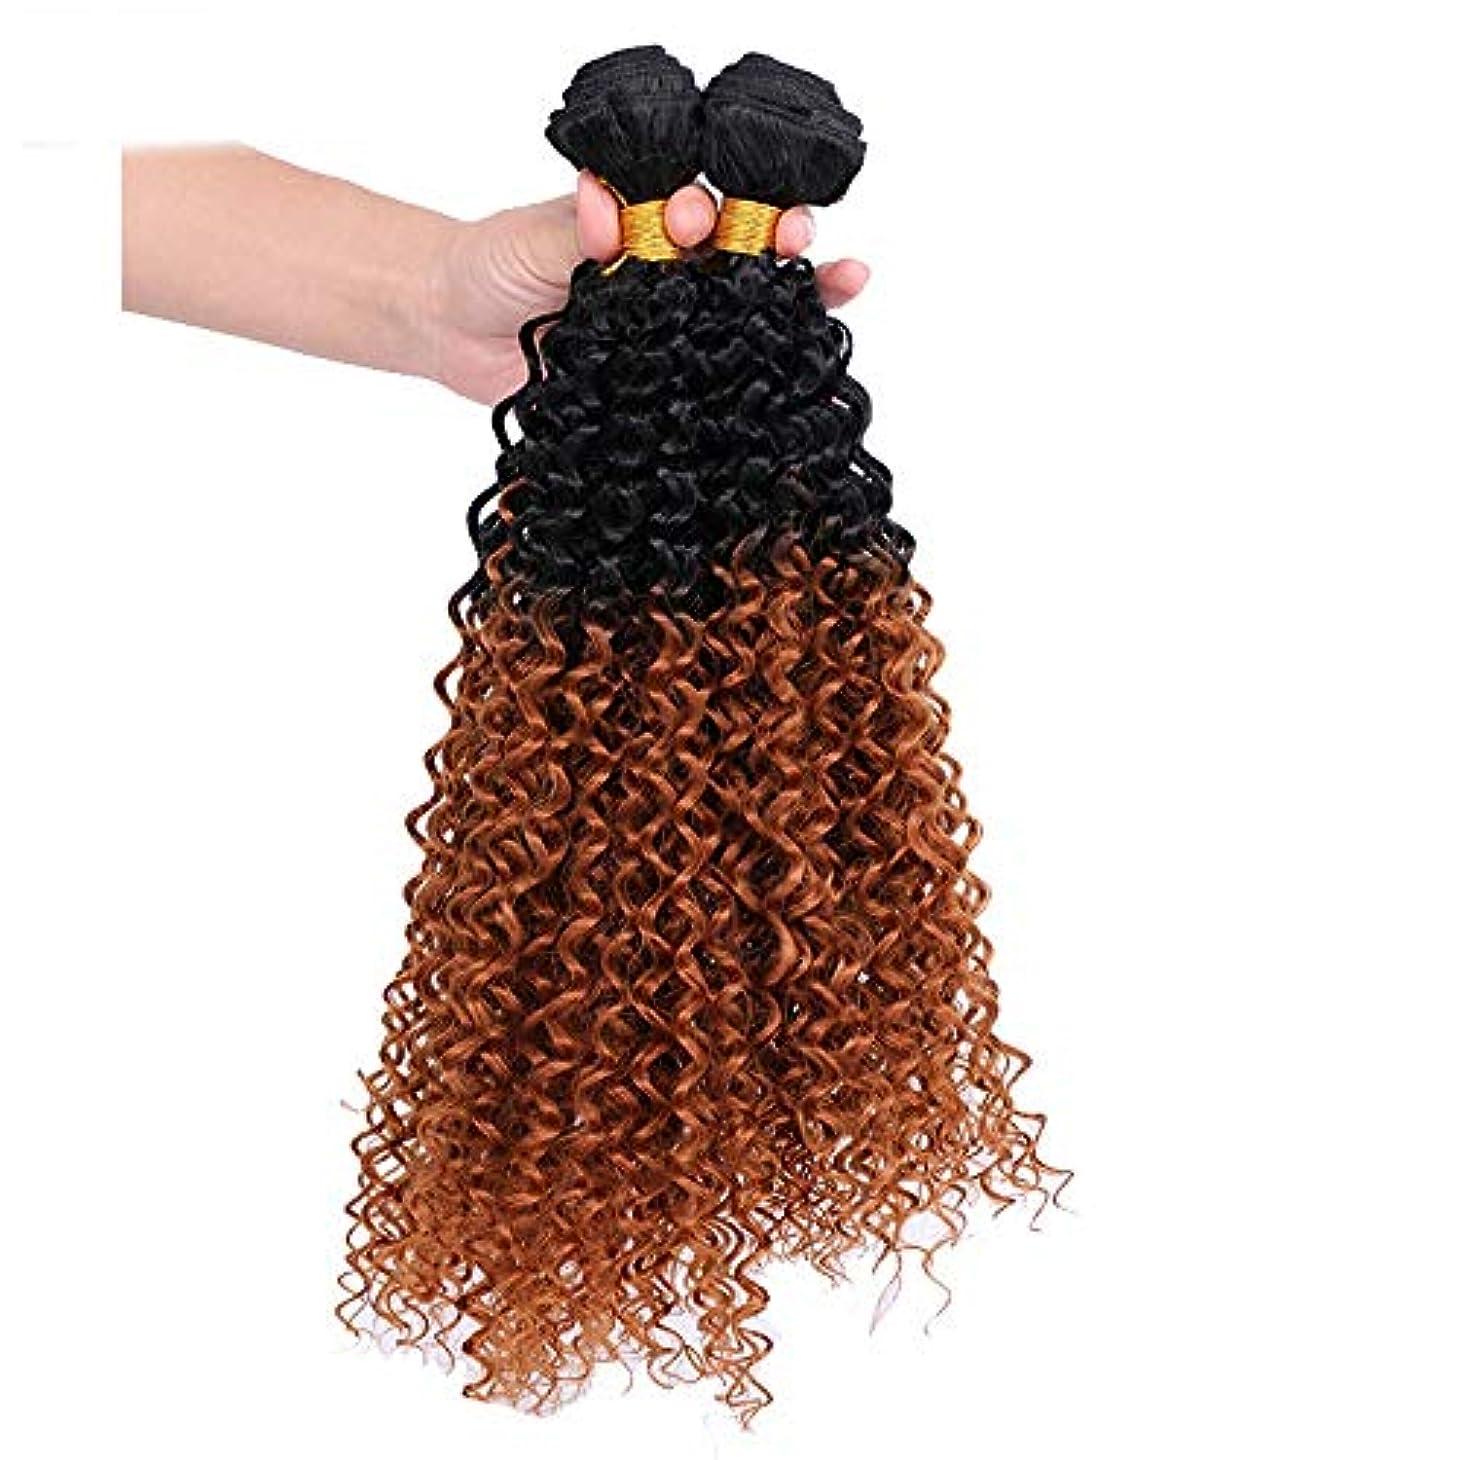 致死石鹸引き出すYESONEEP 茶色のグラデーション巻き毛の女性のためのコスプレパーティードレス(3バンドル)合成髪レースかつらロールプレイングかつらロングとショートの女性自然 (色 : ブラウン, サイズ : 22inch)